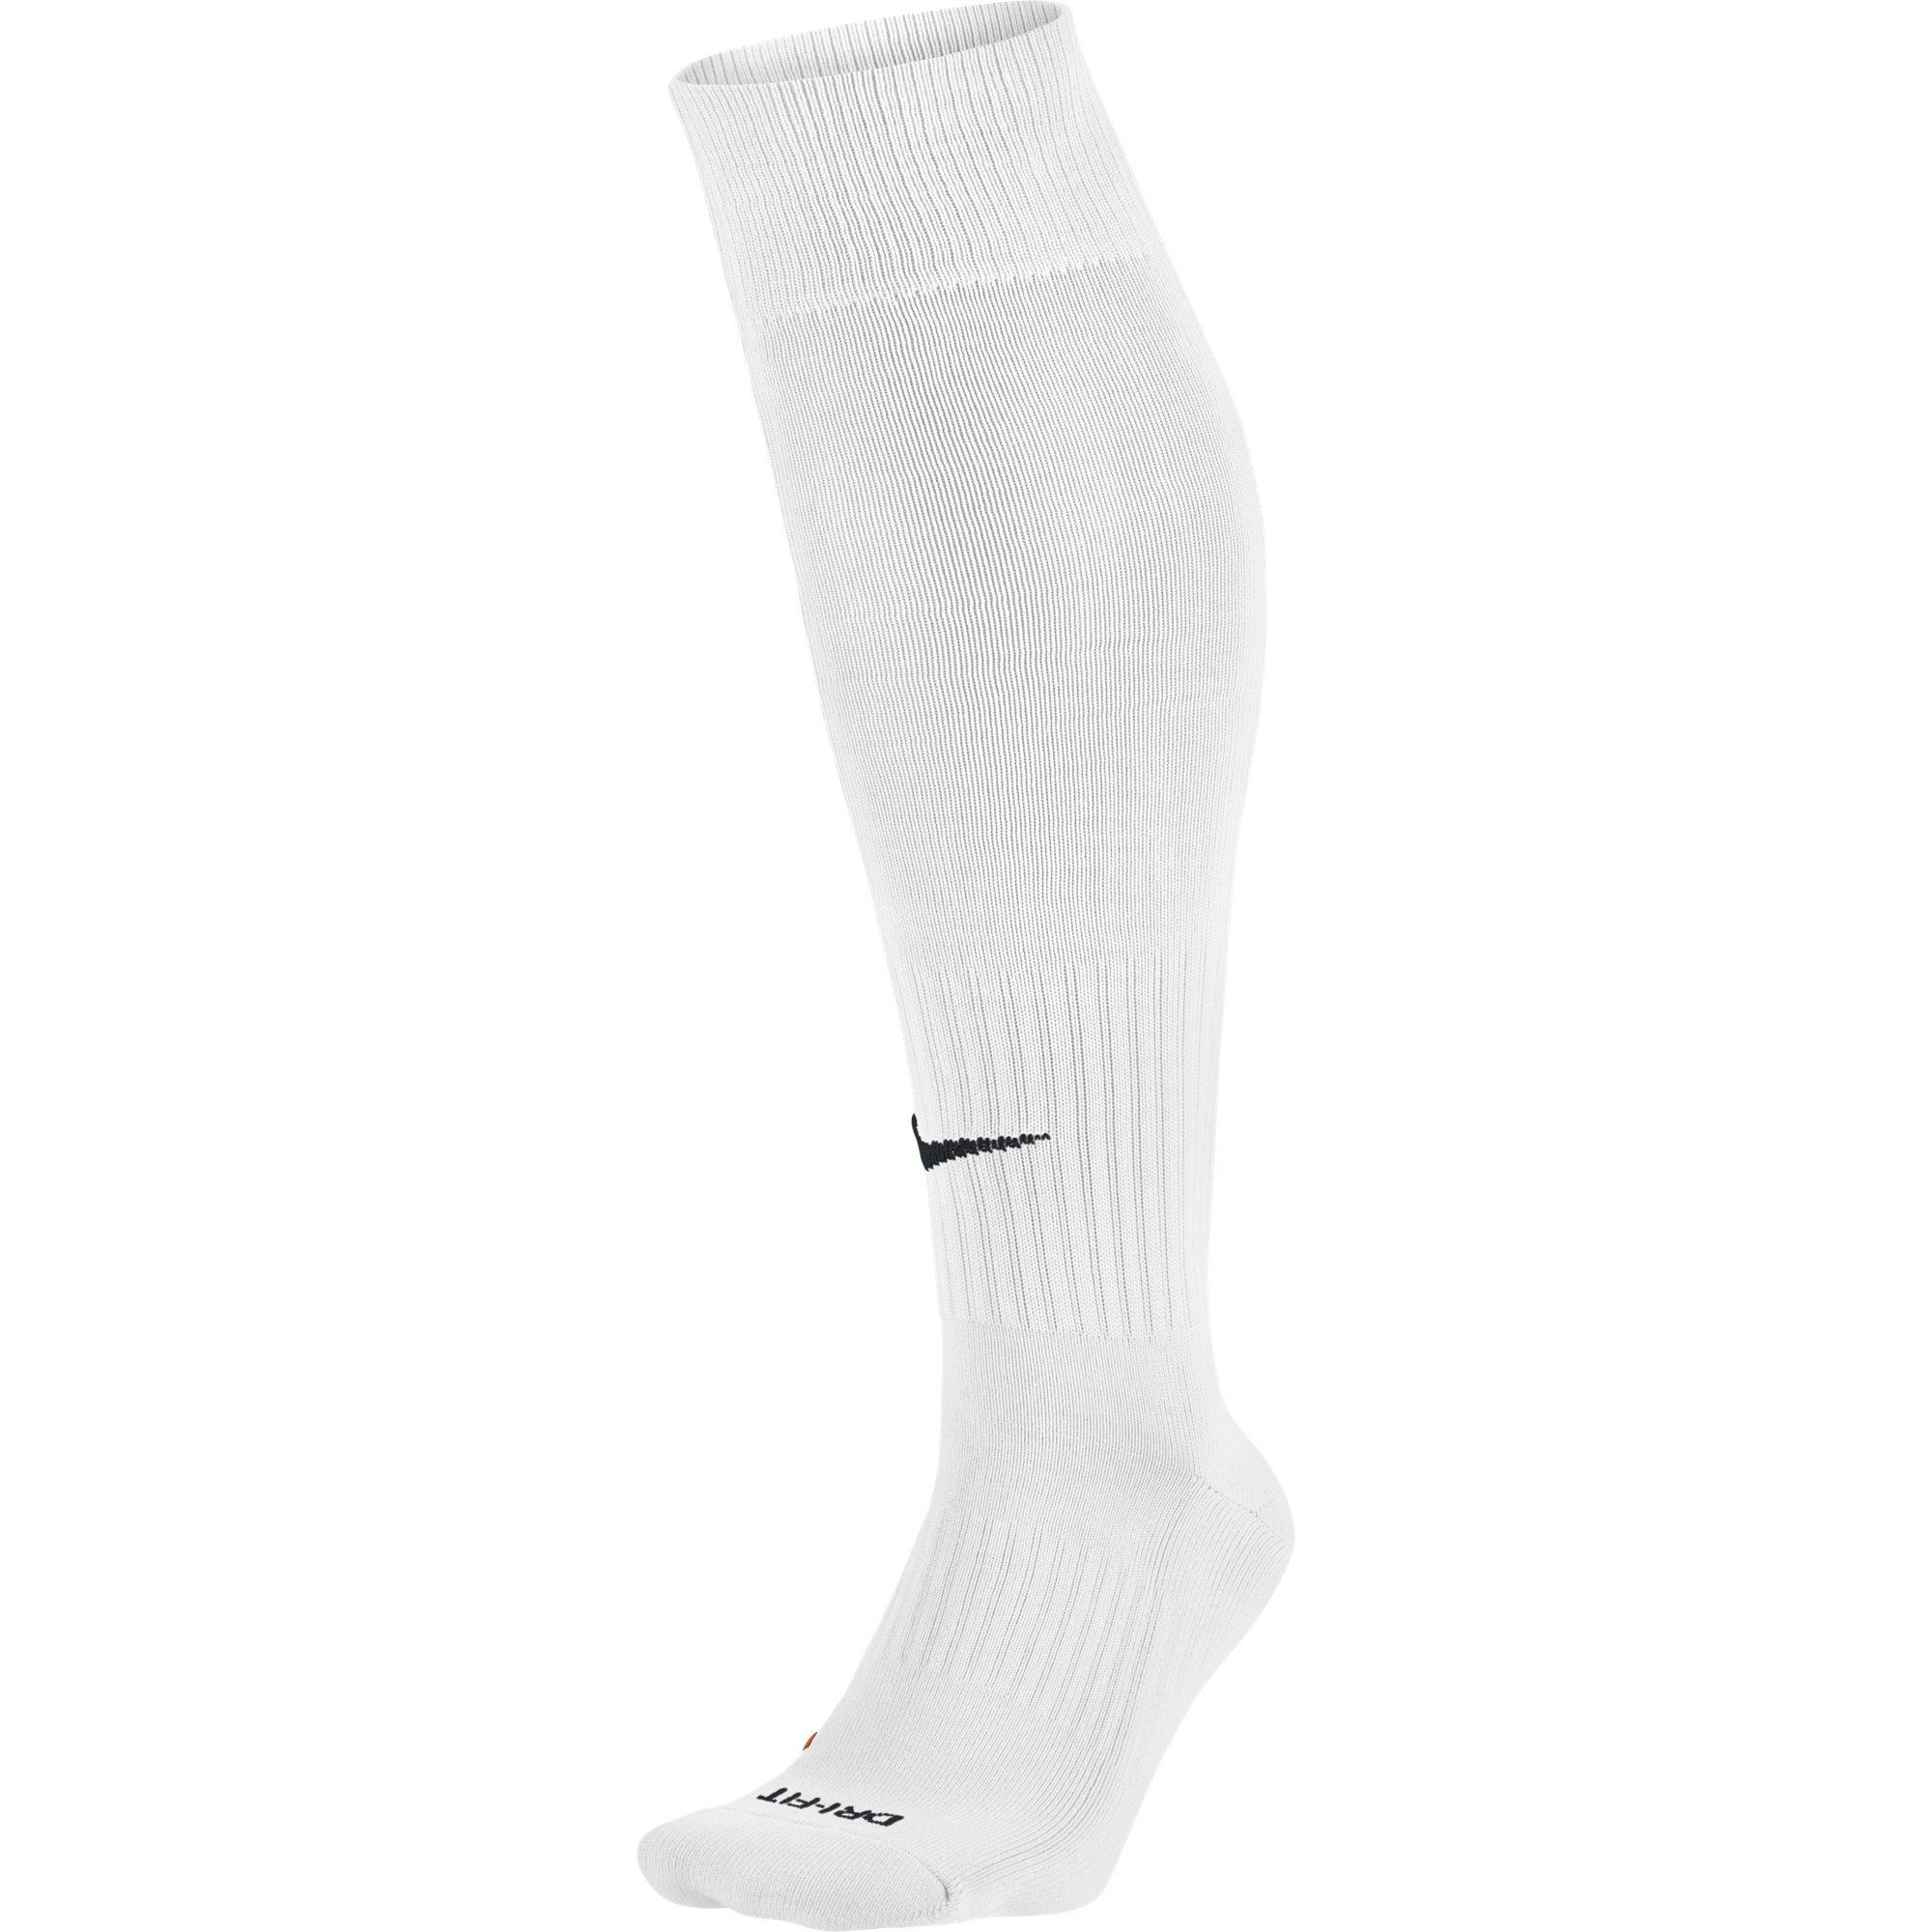 NIKE Unisex Academy Over-The-Calf Soccer Socks, White/Black, Medium